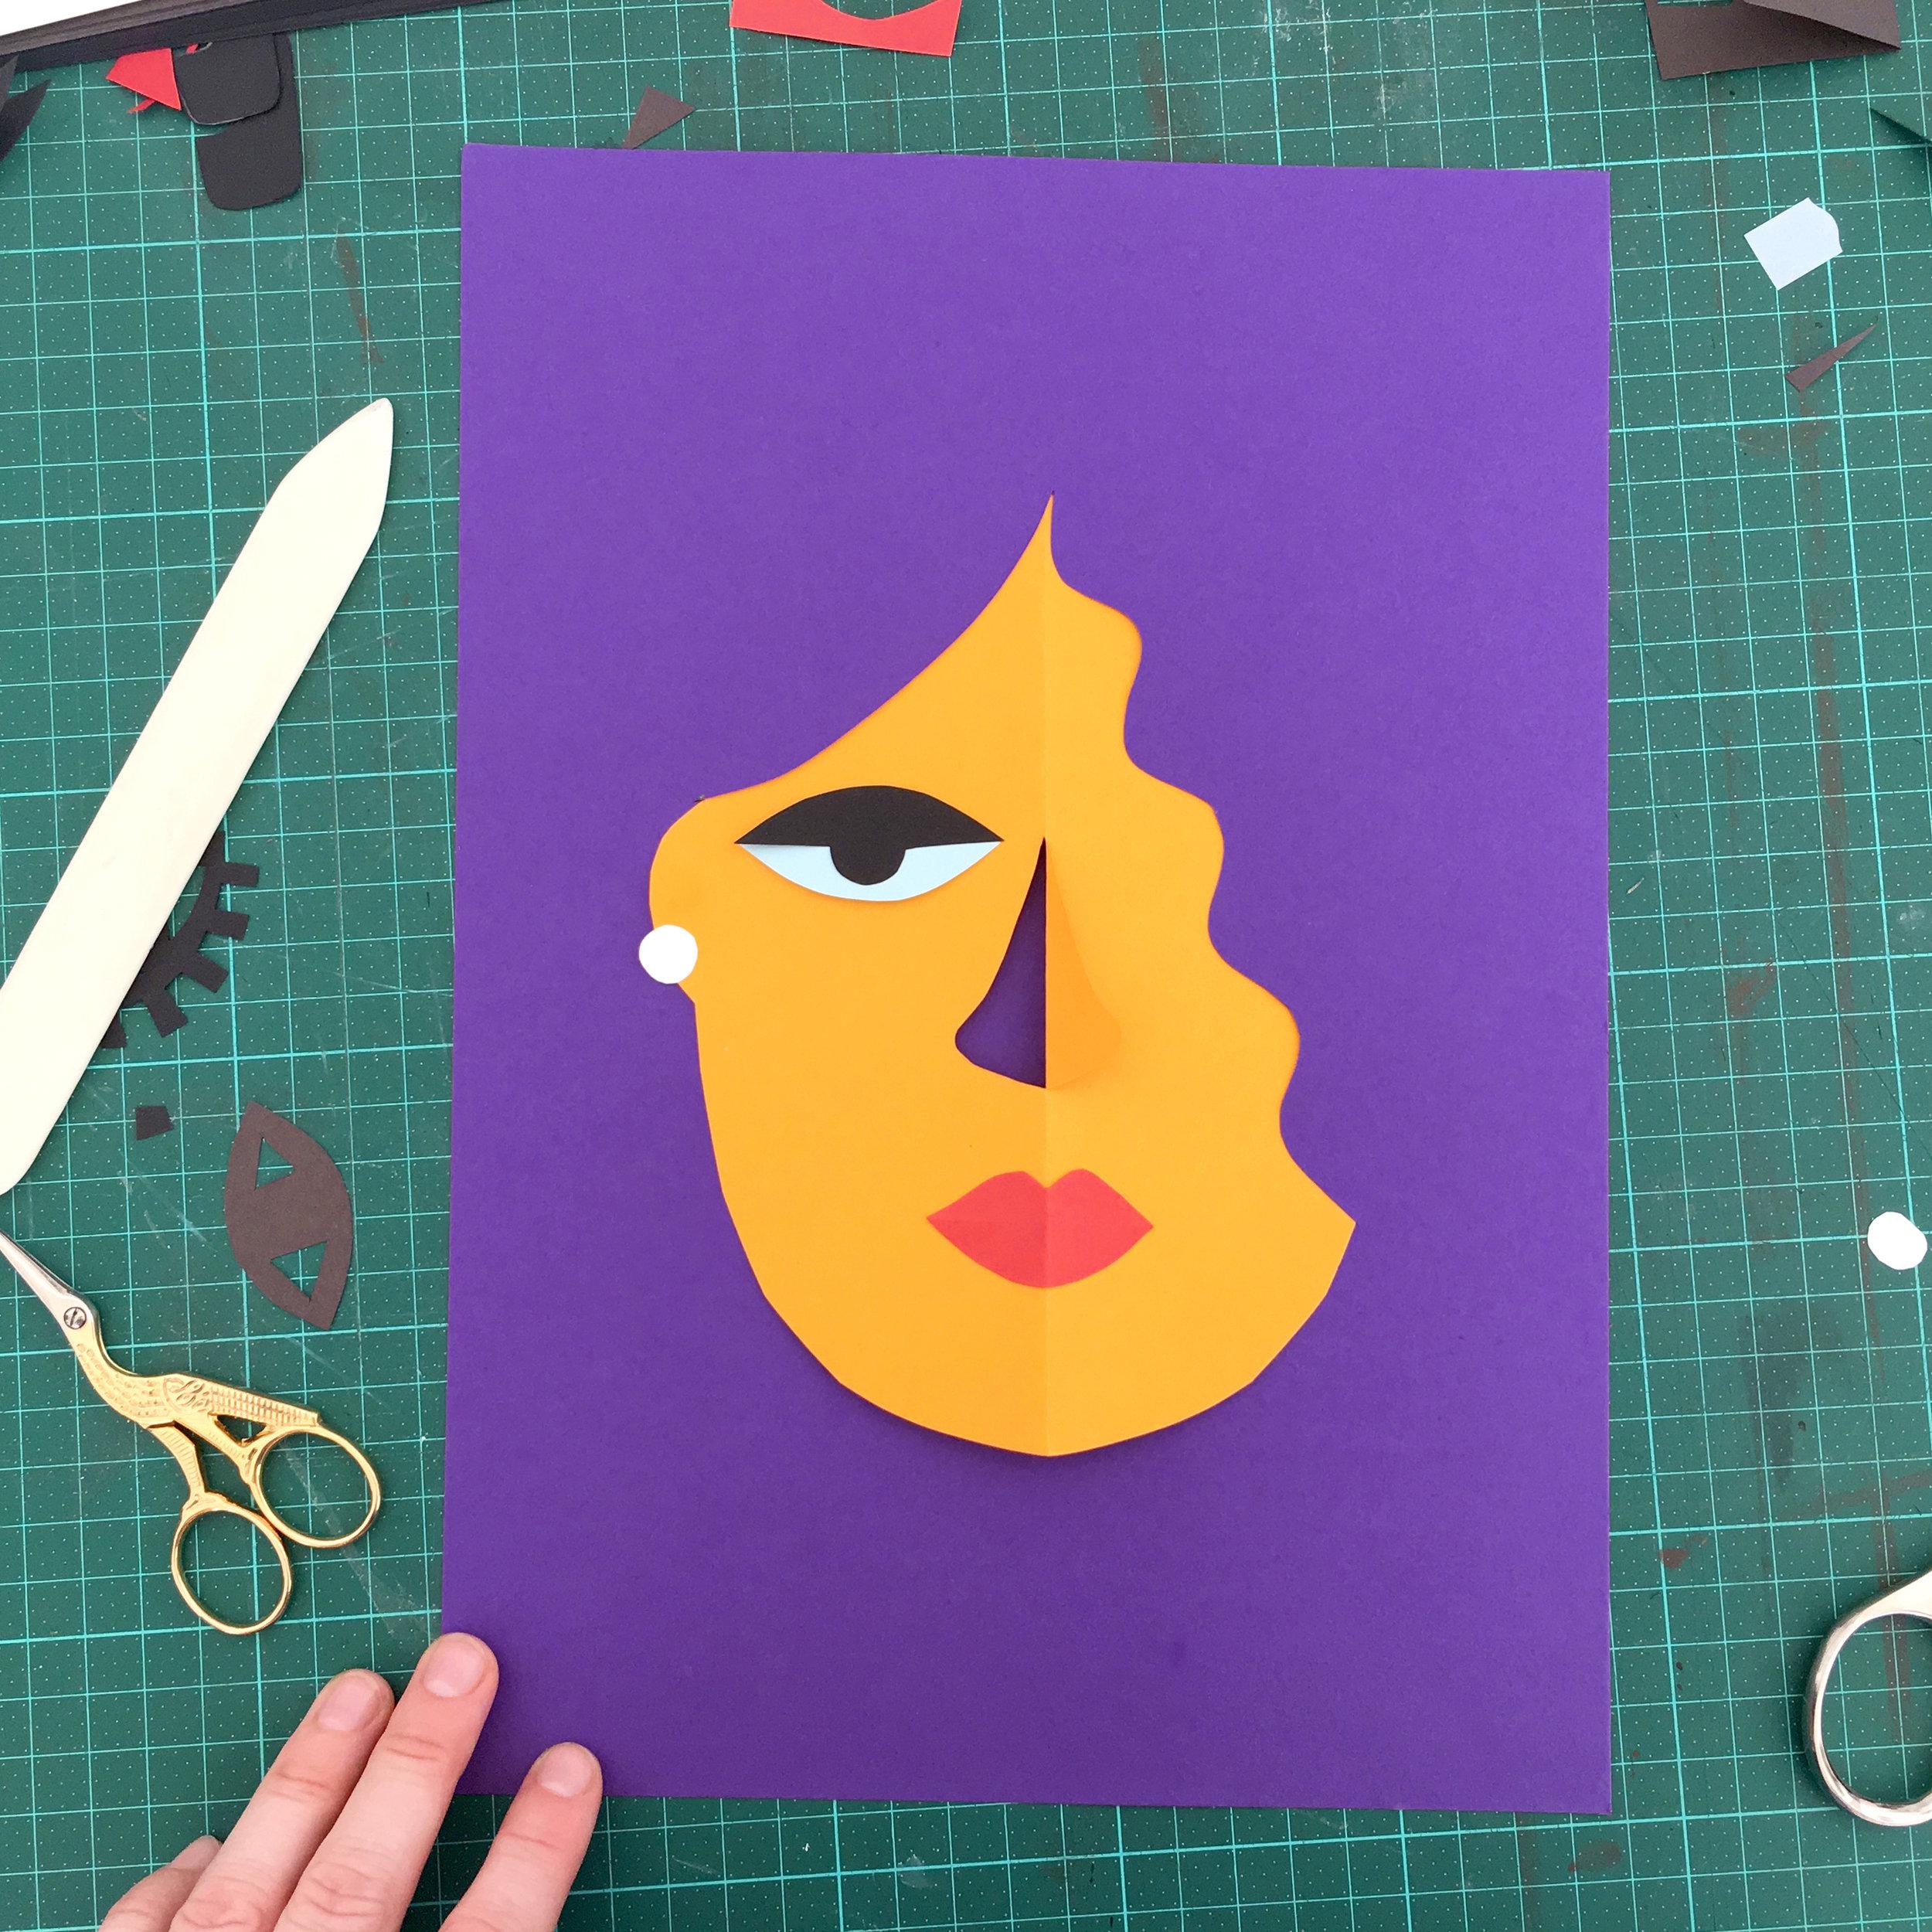 Annette_Jacobs_Papercut_Portrait_Live_Illustration_Paperart_Update_Q_q.jpg